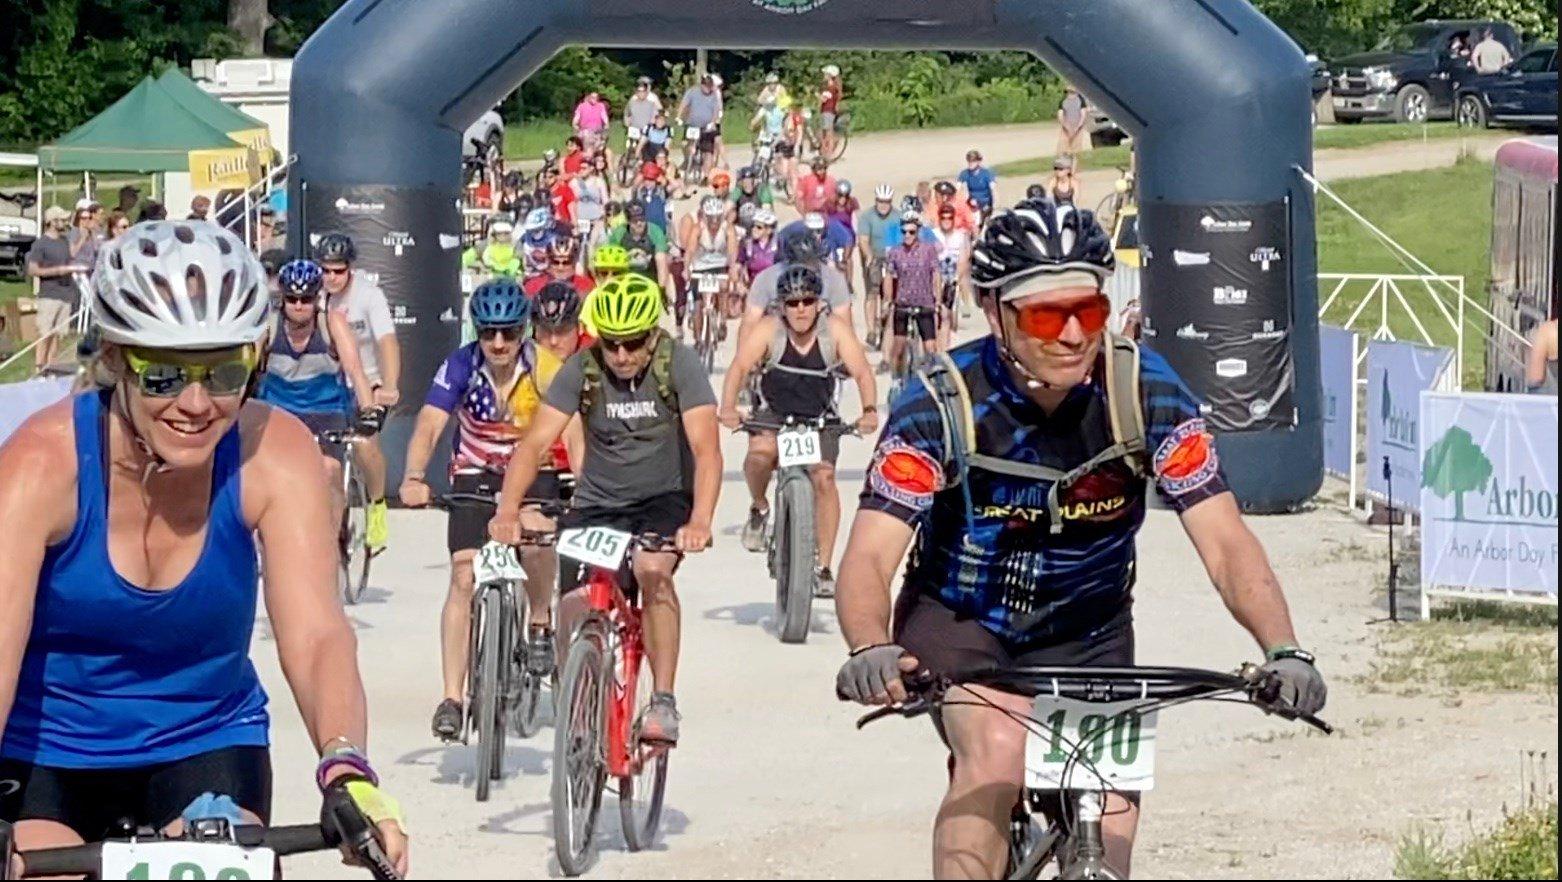 Arbor Day Farm hosts Radler Bike Festival